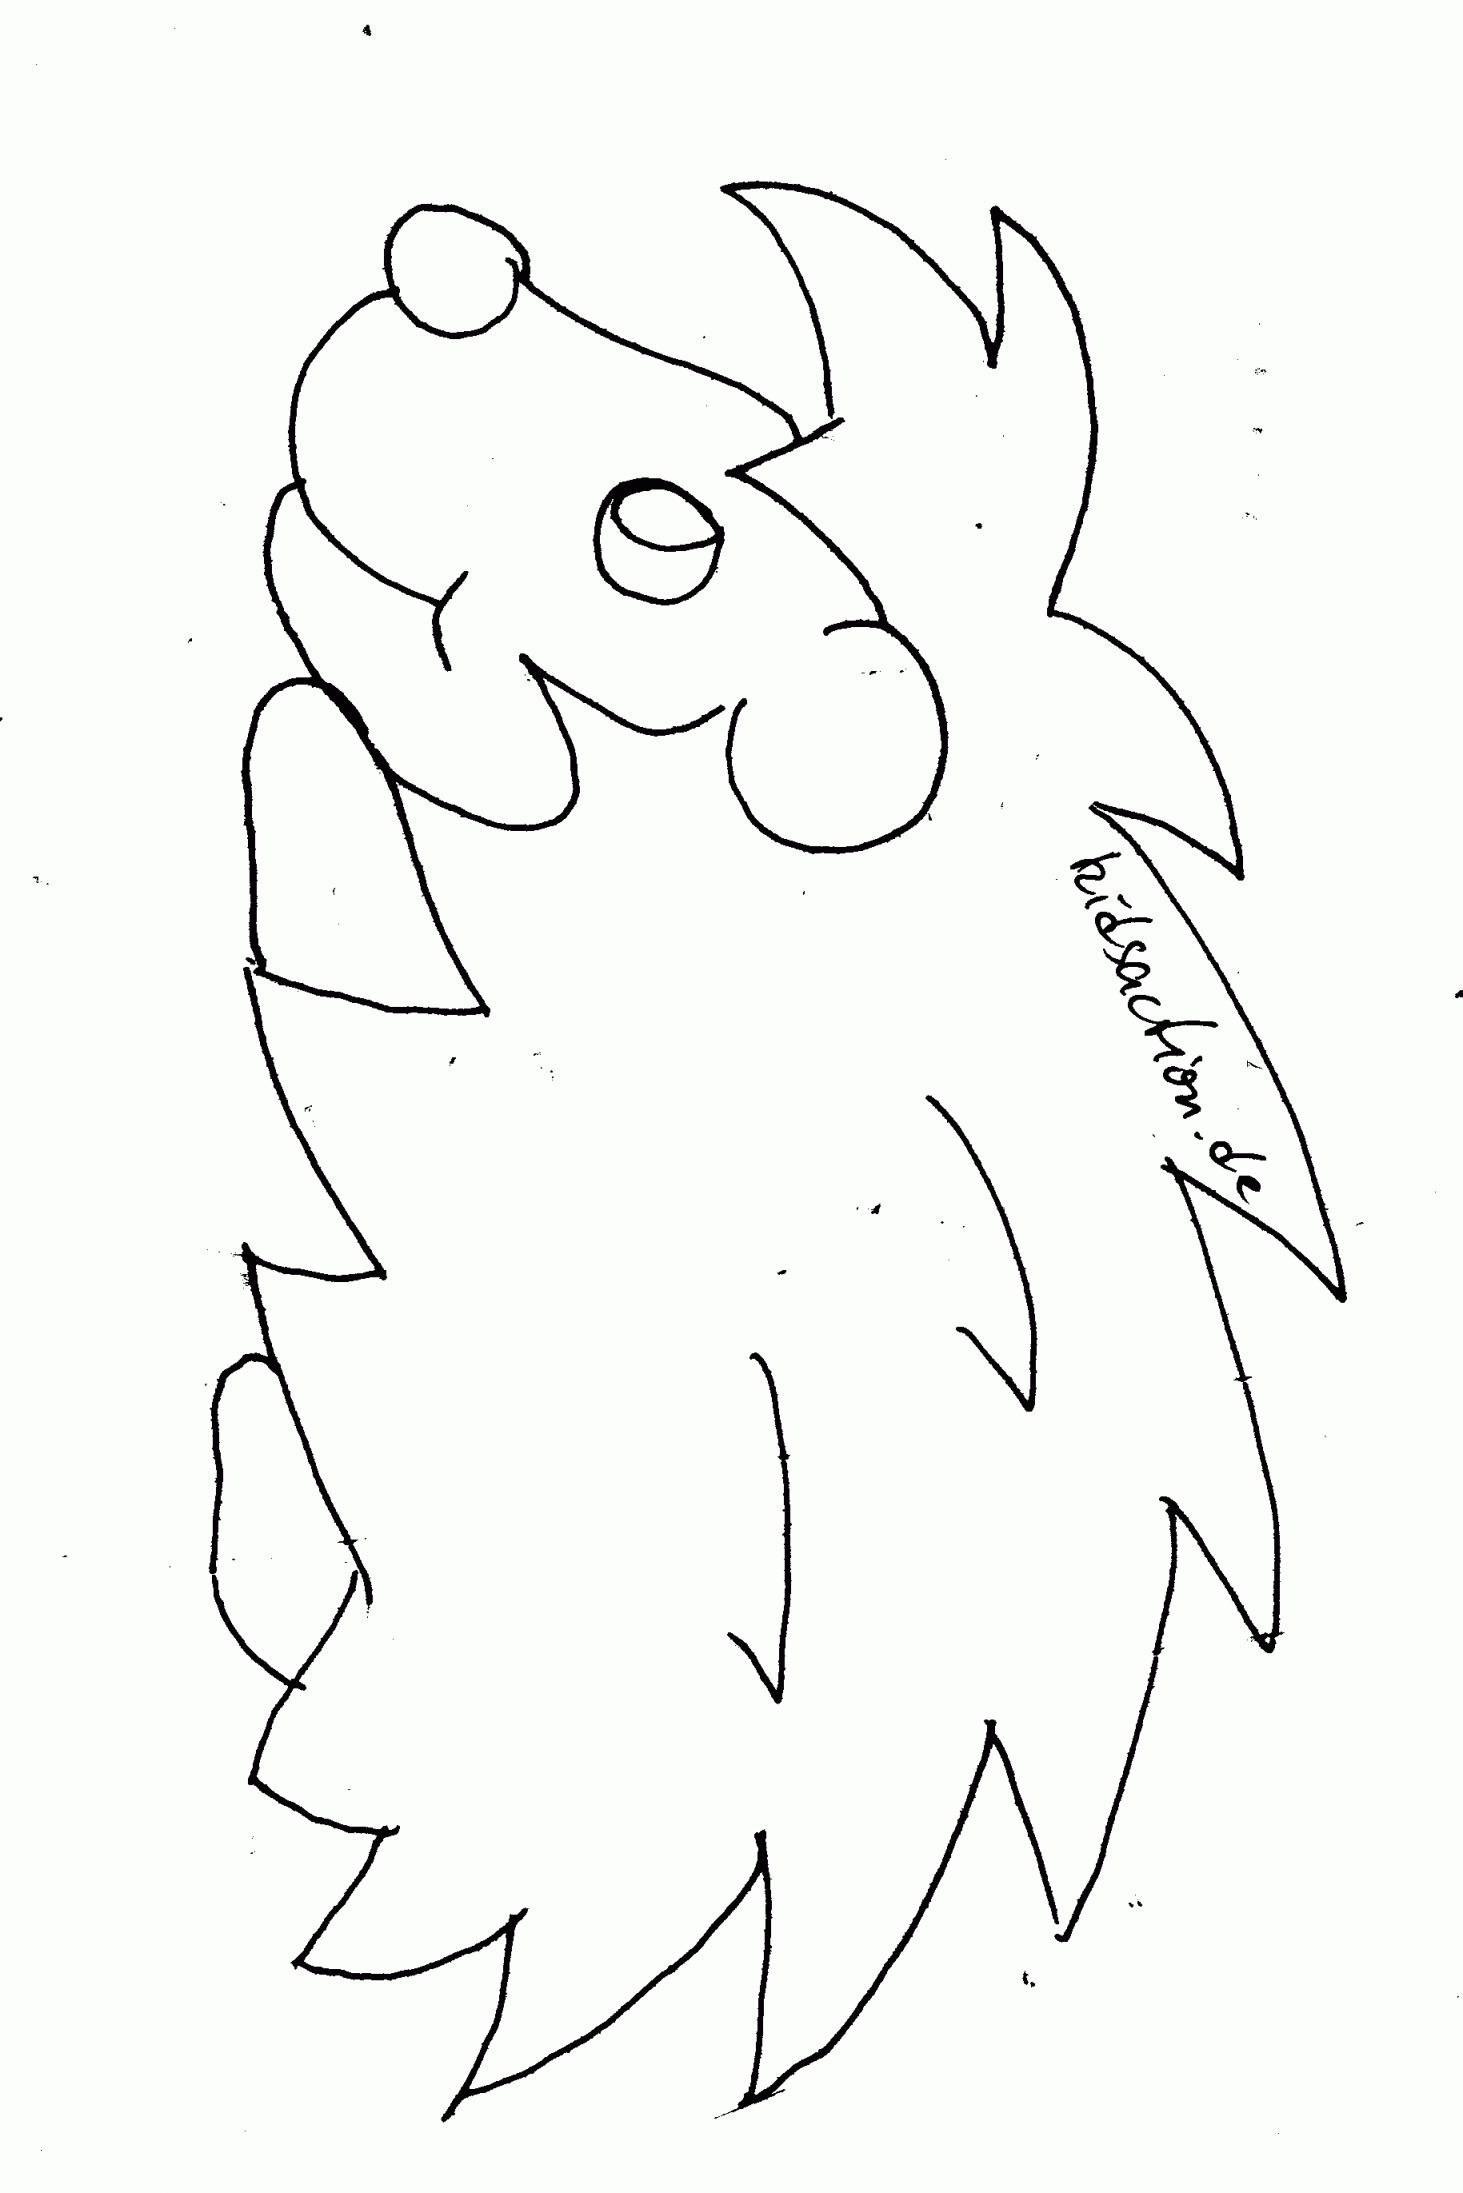 Ausmalbild Harry Potter Genial Fuchs Bilder Zum Zeichnen Größte Malvorlagen Igel Elegant Igel Das Bild